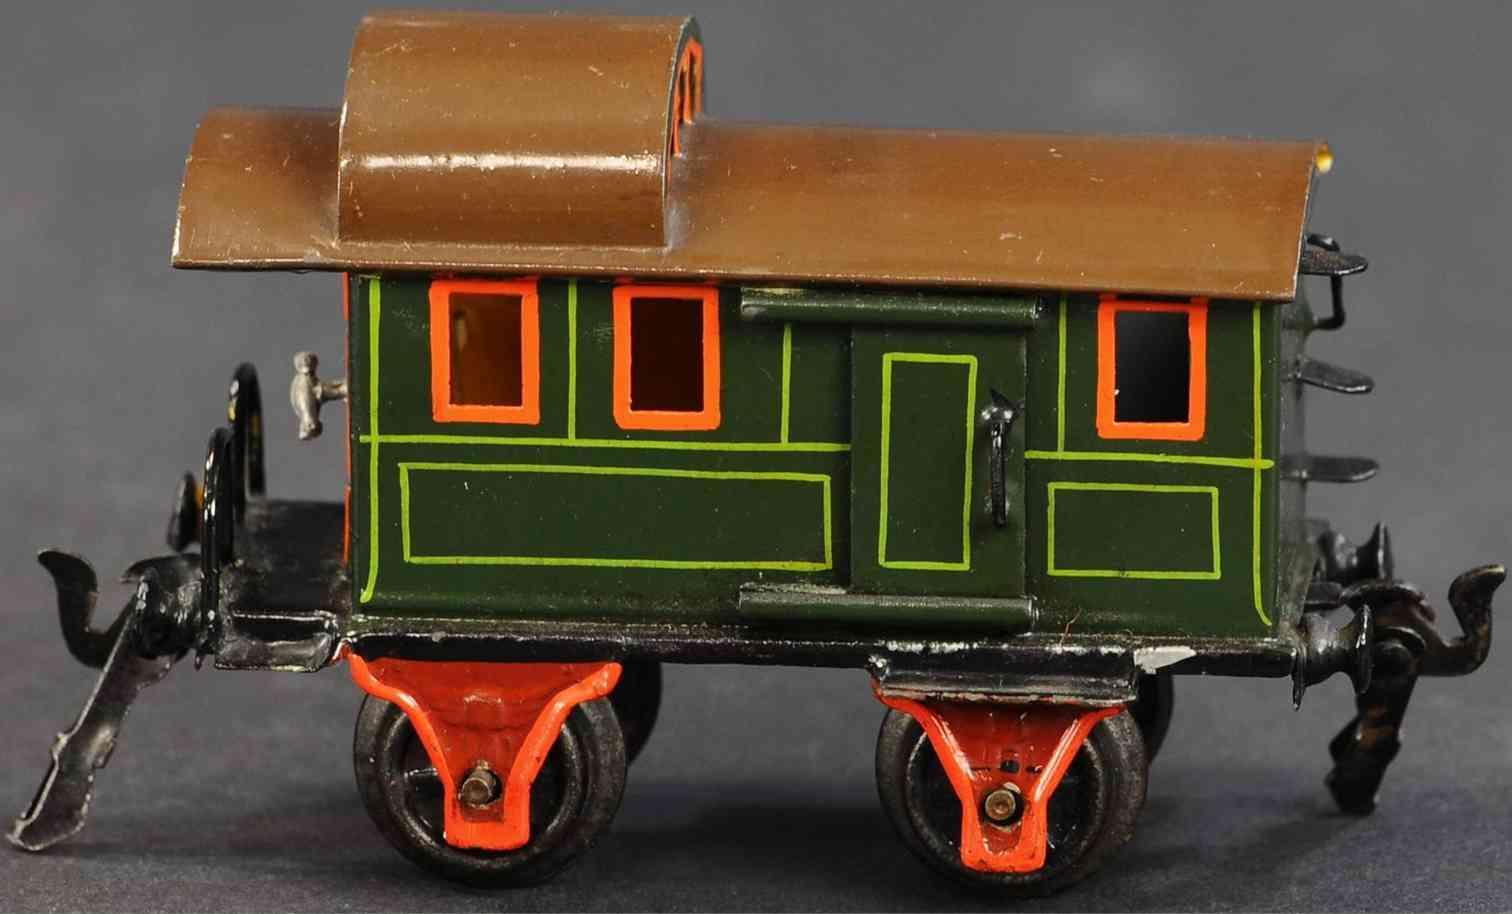 maerklin 1836/0 spielzeug eisenbahn gepaeckwagen gruen spur 0